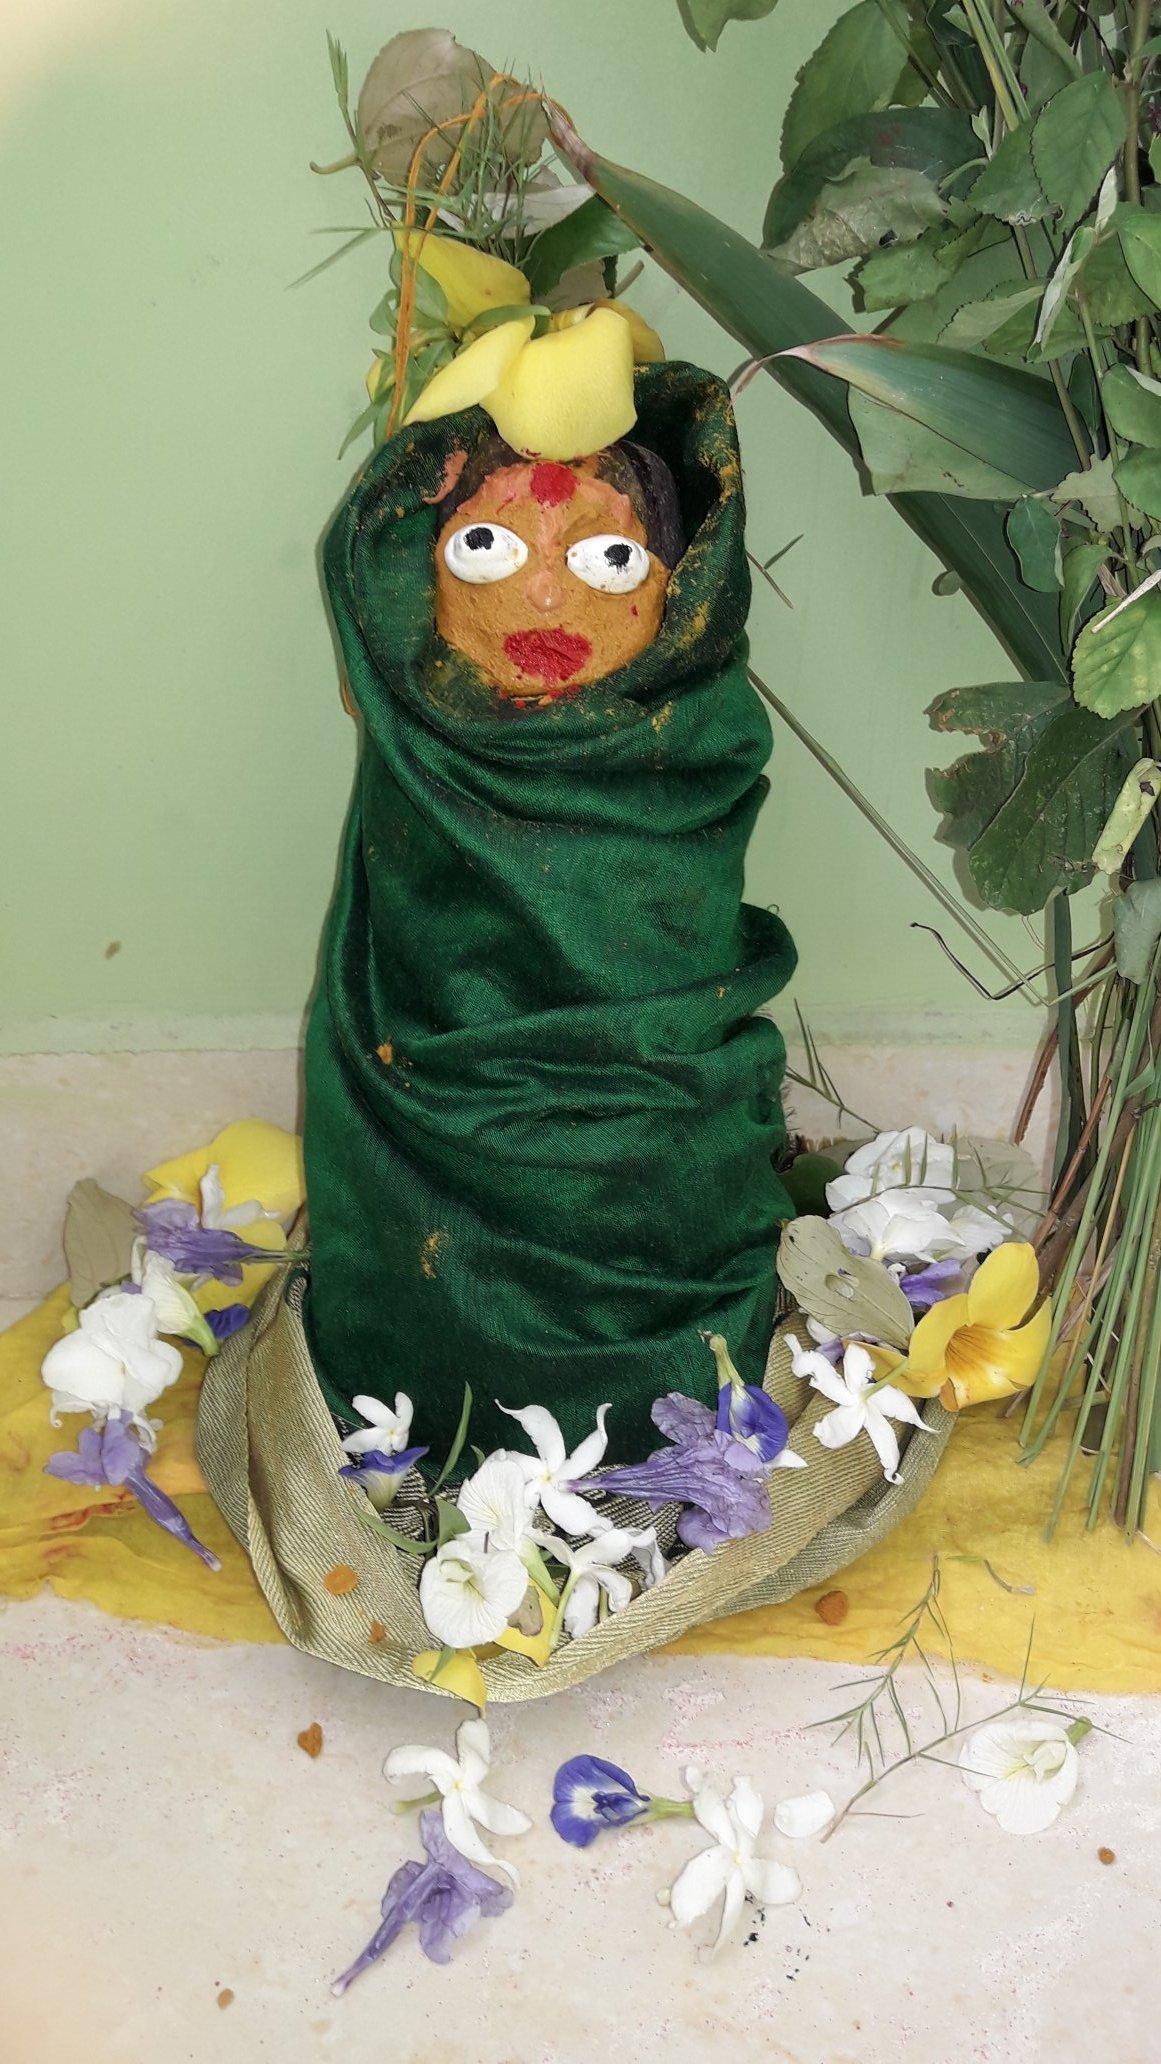 ଷଠି ଓଷା - Sathi Osha